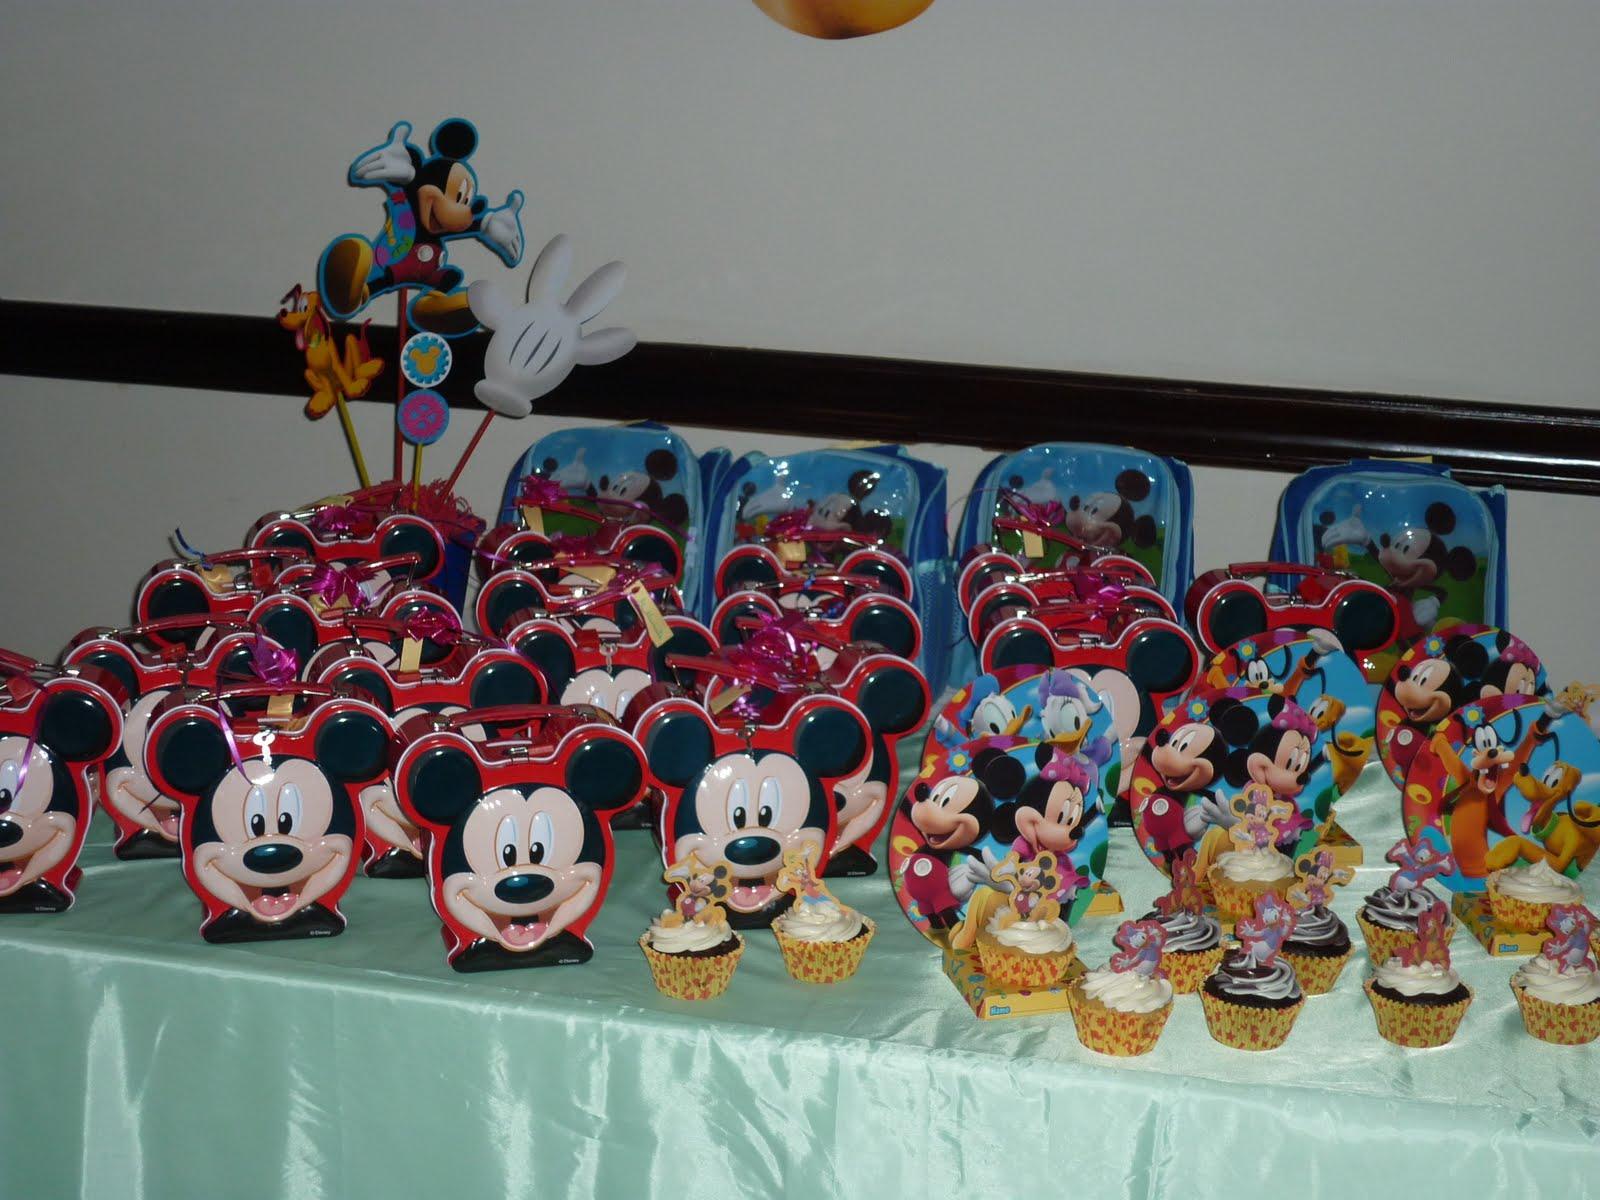 de mickey mouse - photo #45